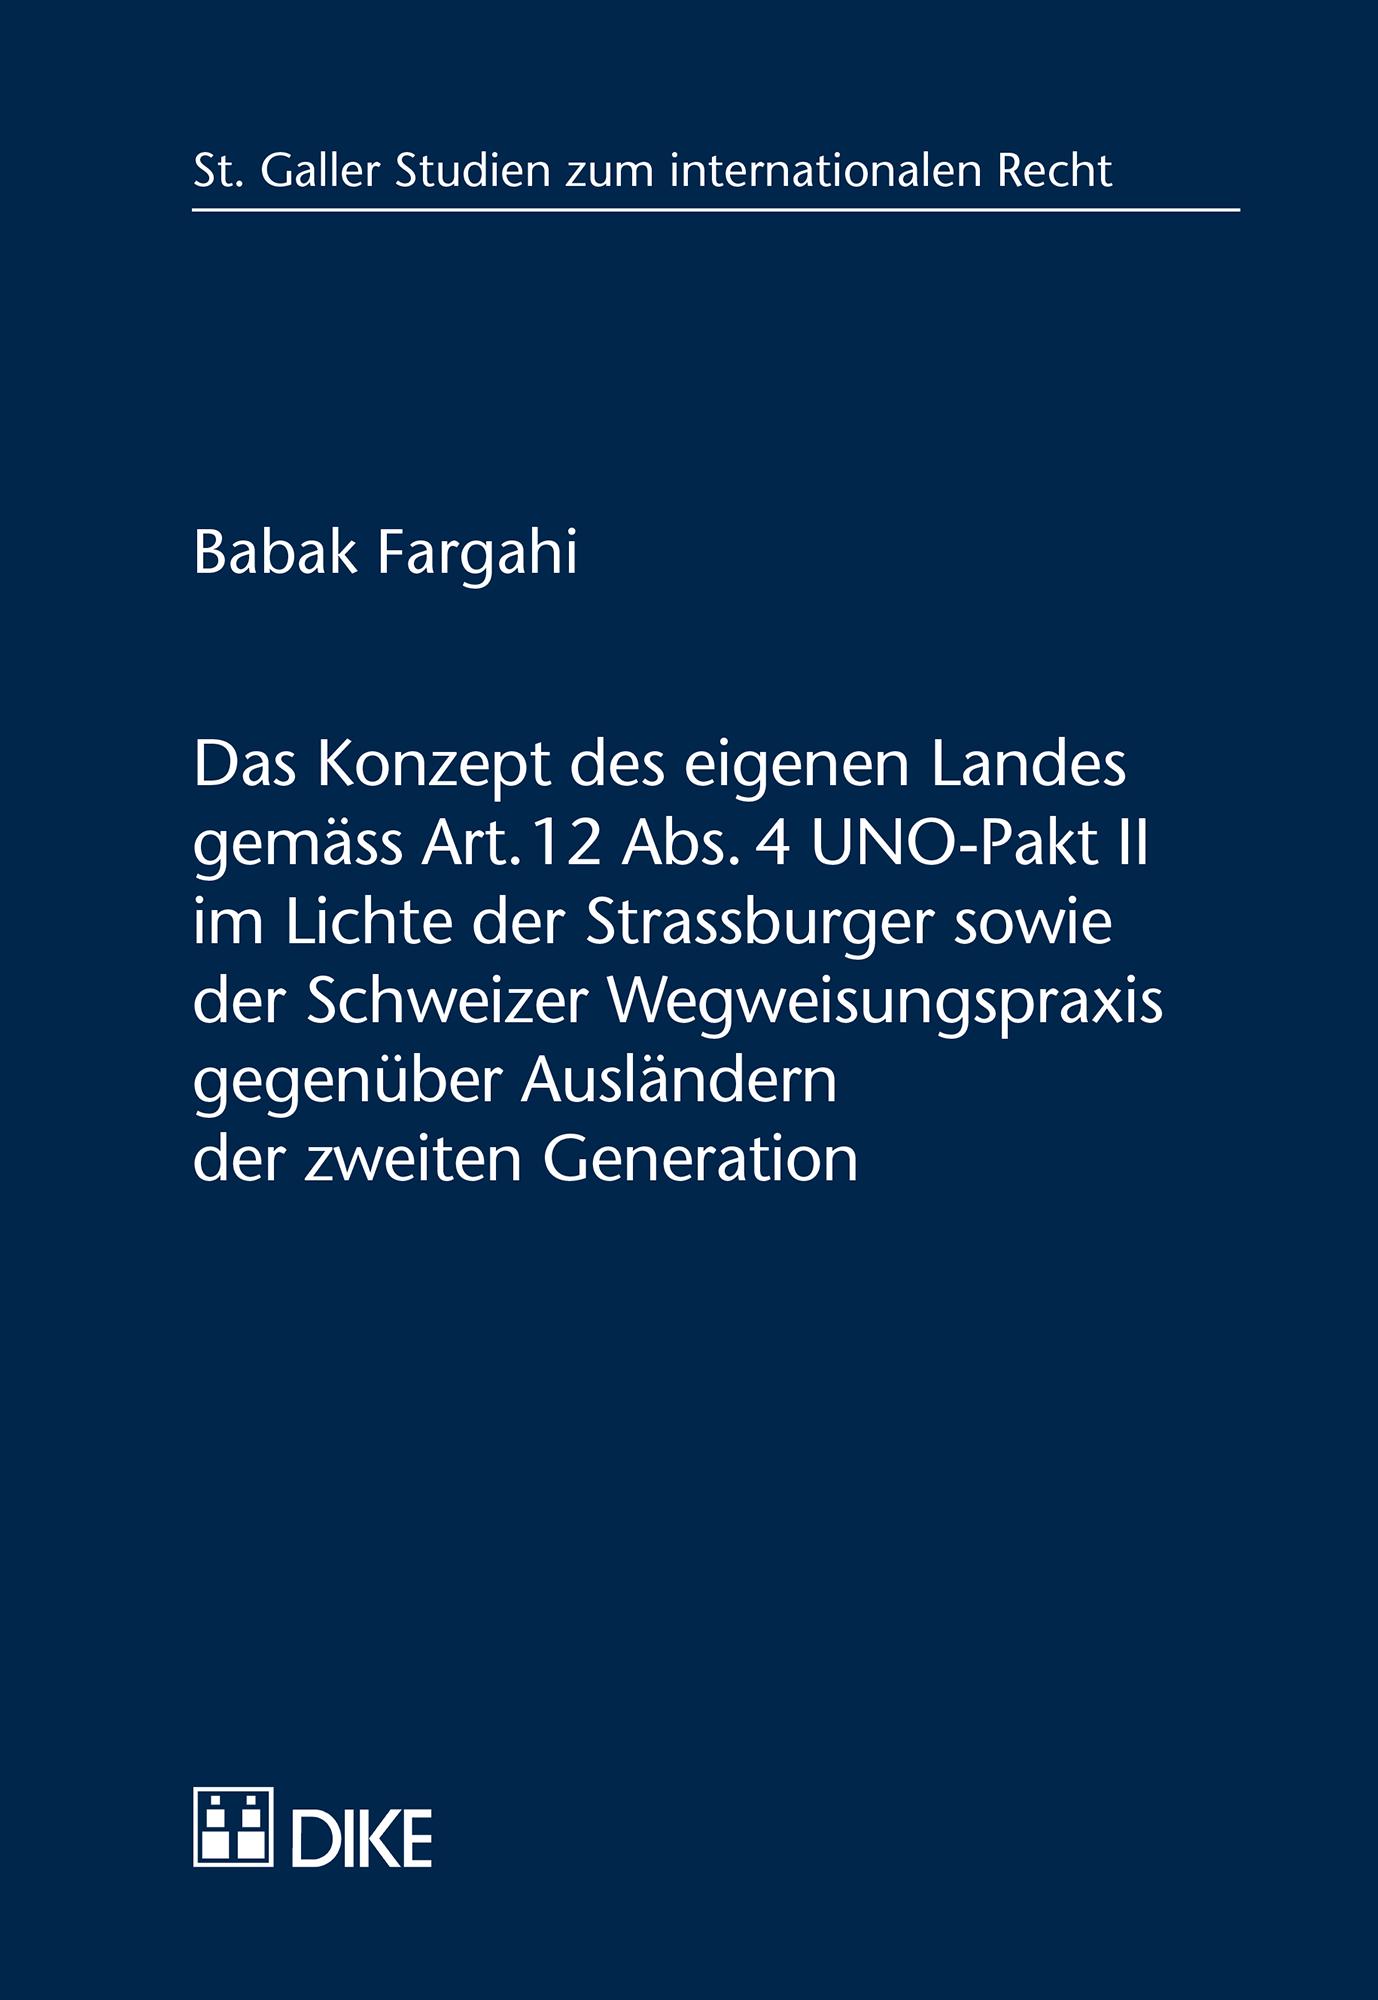 Das Konzept des eigenen Landes gemäss Art. 12 Abs. 4 UNO-Pakt II im Lichte der Strassburger sowie der Schweizer Wegweisungspraxis gegenüber Ausländern der zweiten Generation